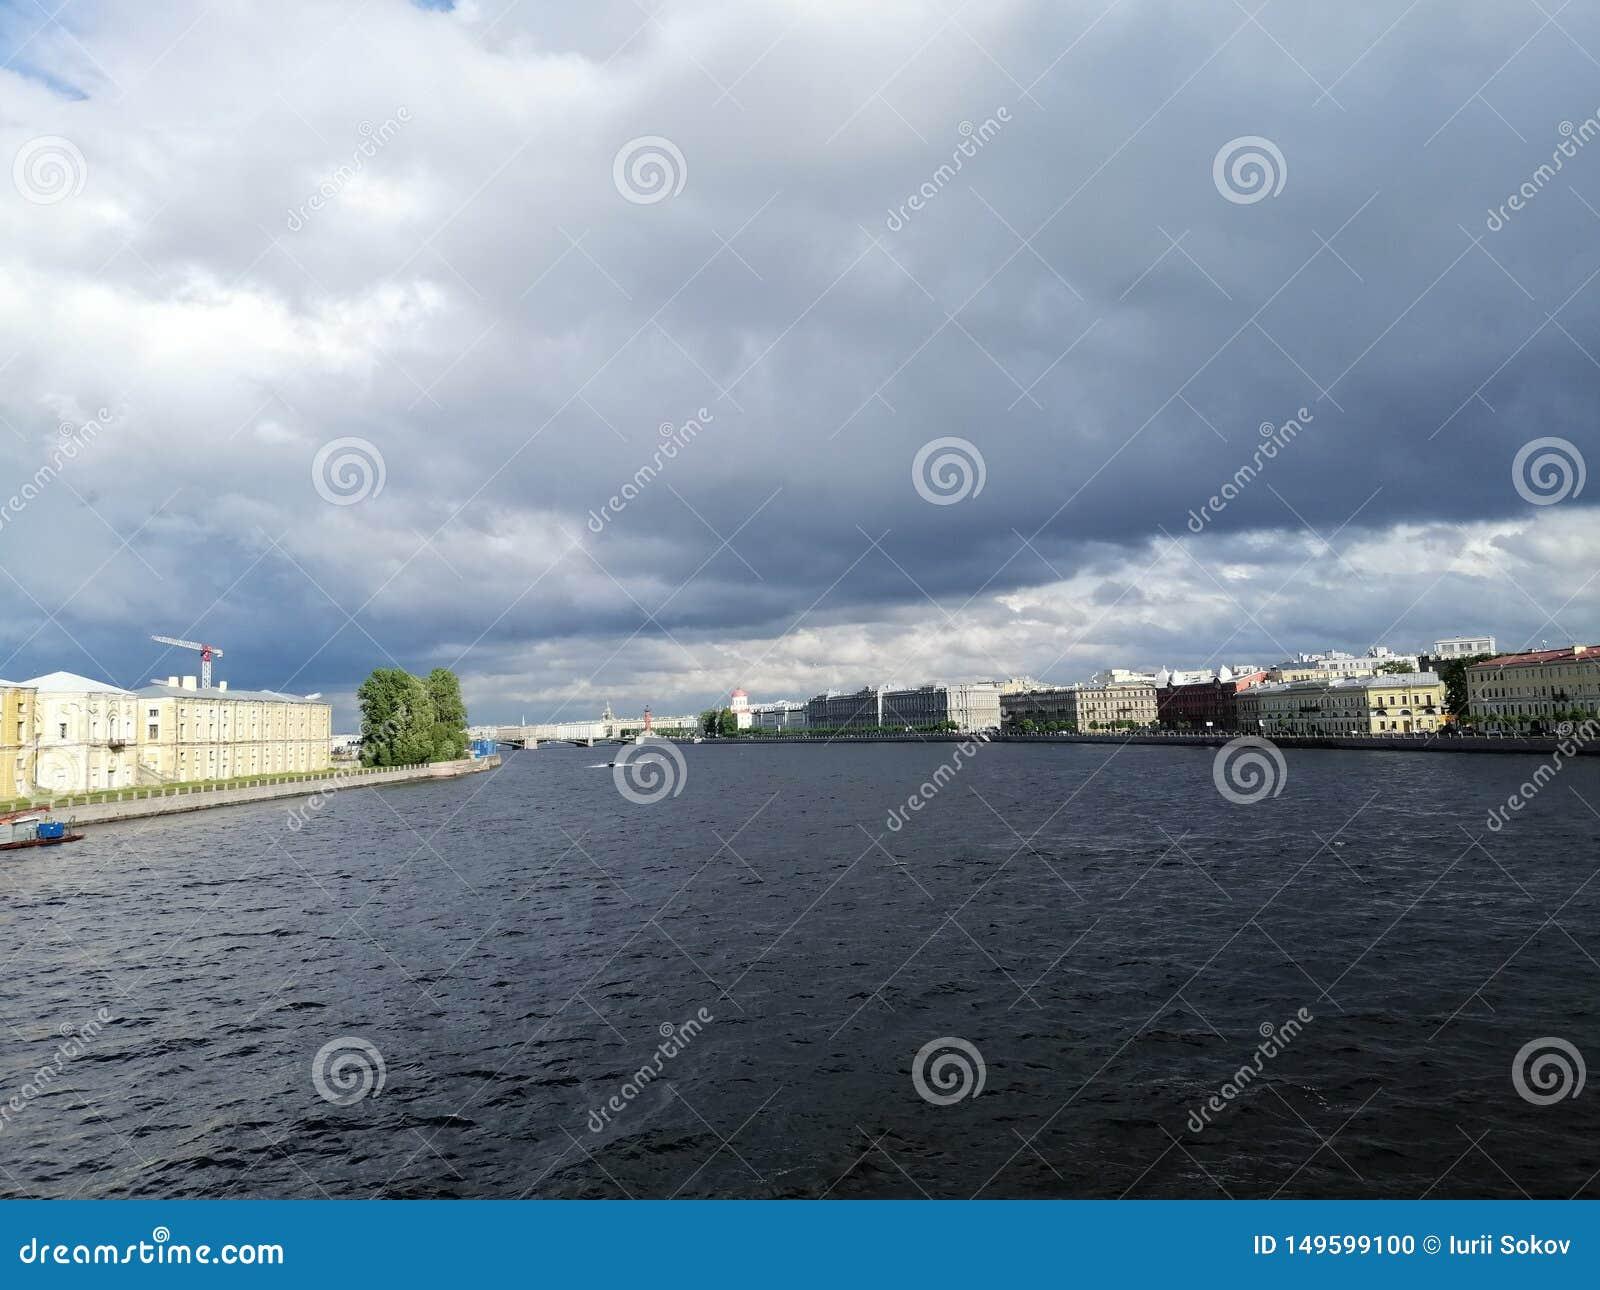 Sikt av floden och byggnaderna mot den dystra himlen och molnen i Petersburg